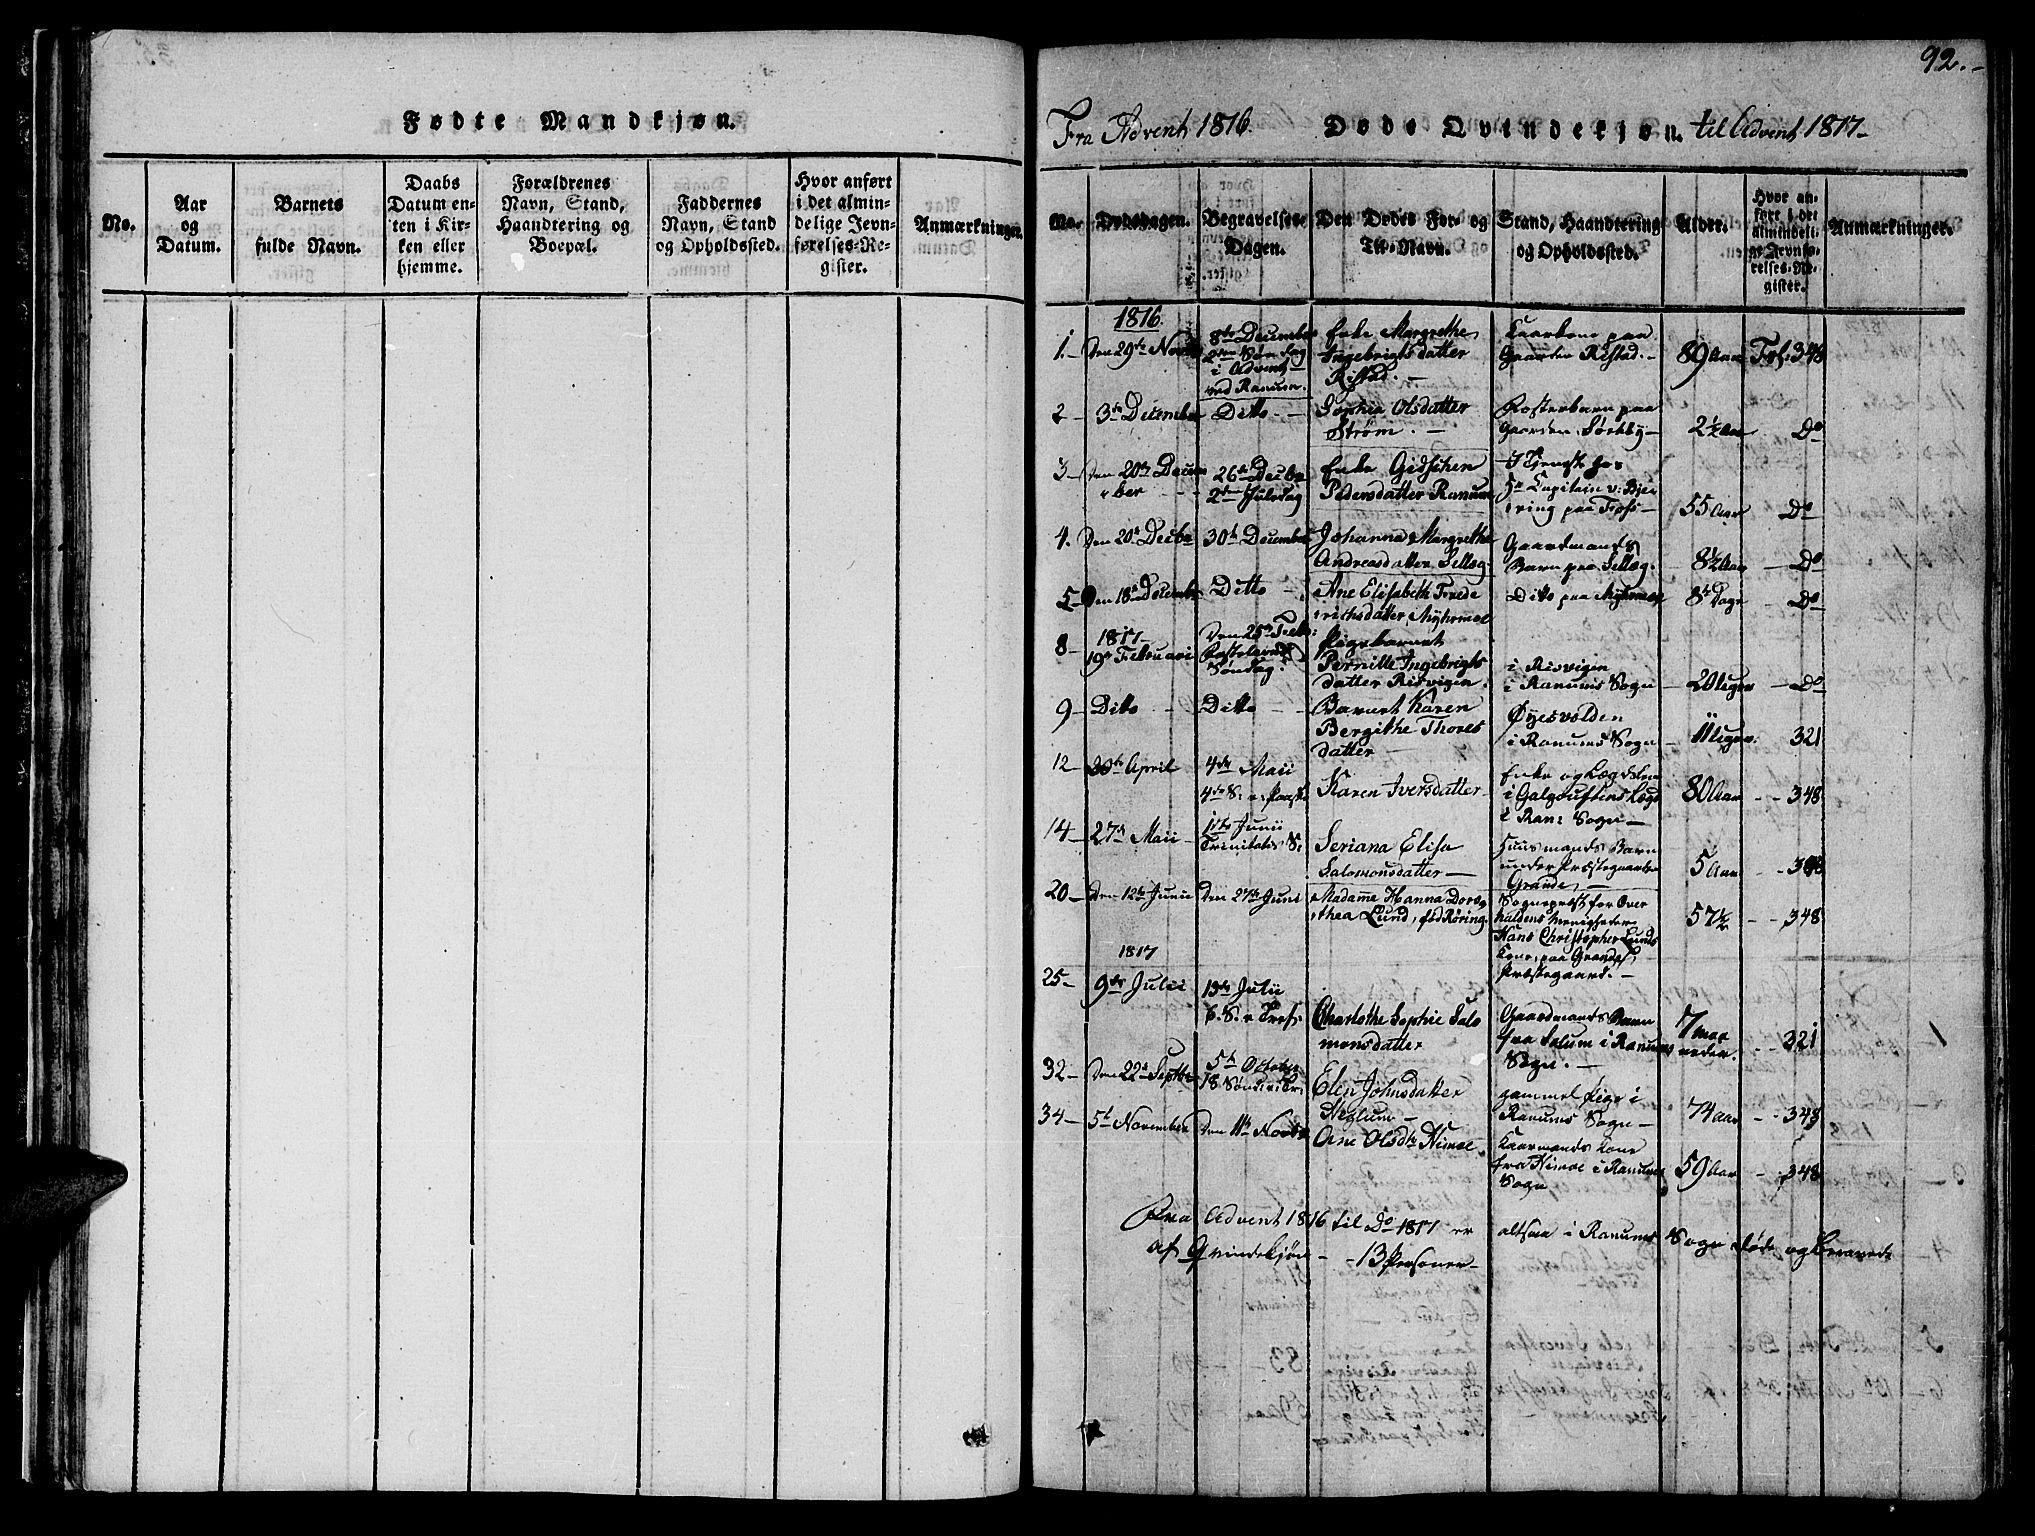 SAT, Ministerialprotokoller, klokkerbøker og fødselsregistre - Nord-Trøndelag, 764/L0559: Klokkerbok nr. 764C01, 1816-1824, s. 92